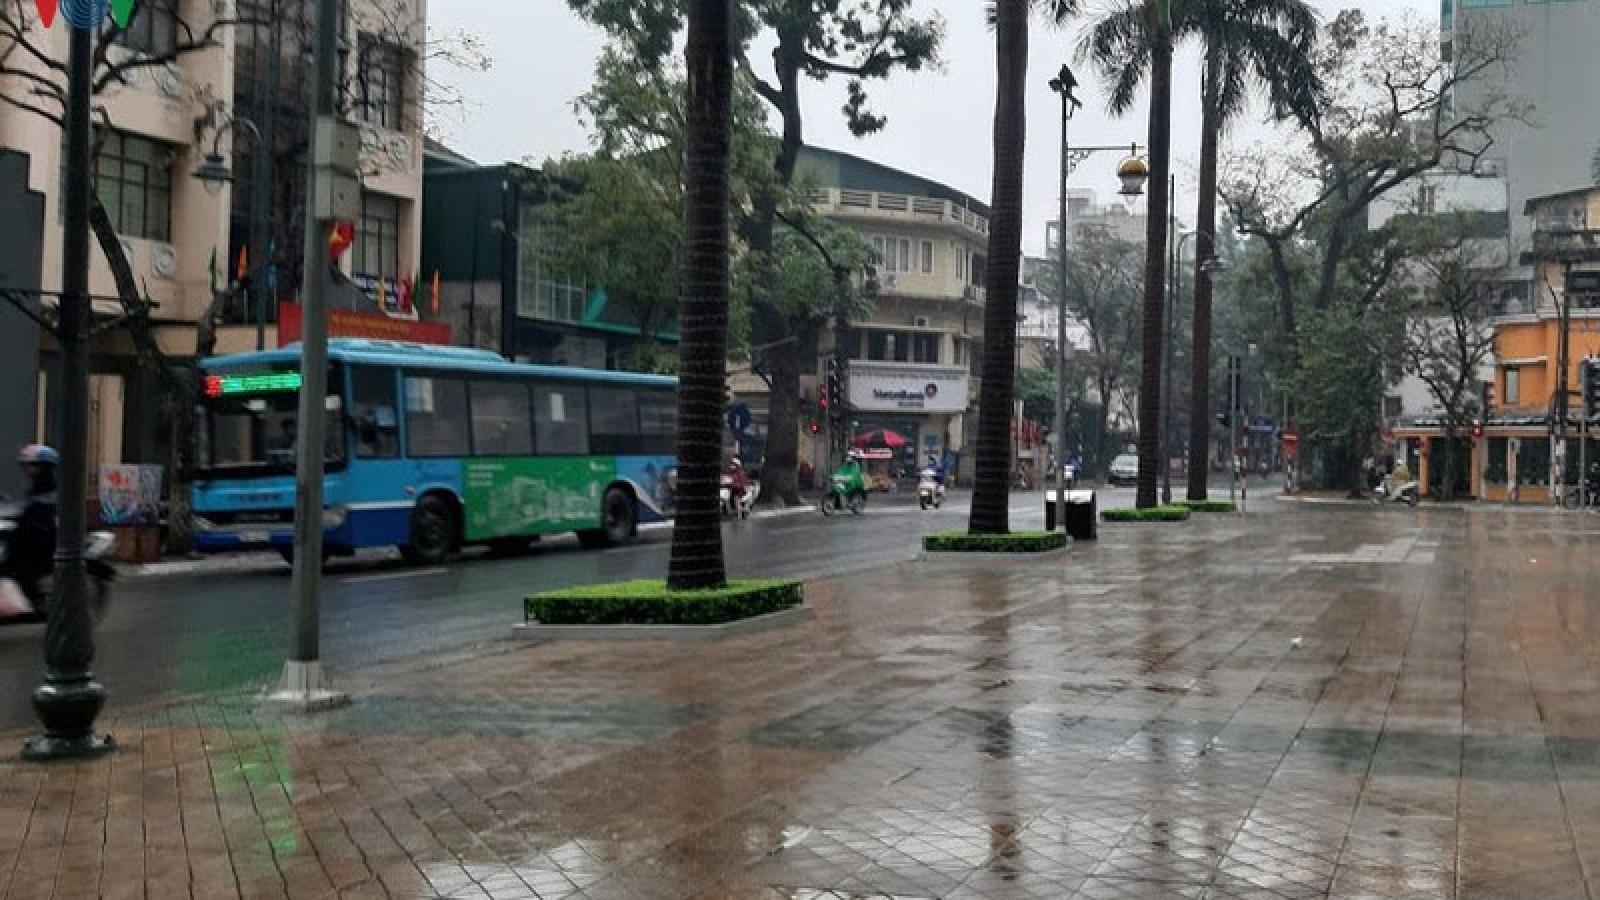 Xe buýt Hà Nội hoạt động trở lại, không chở quá 20 người